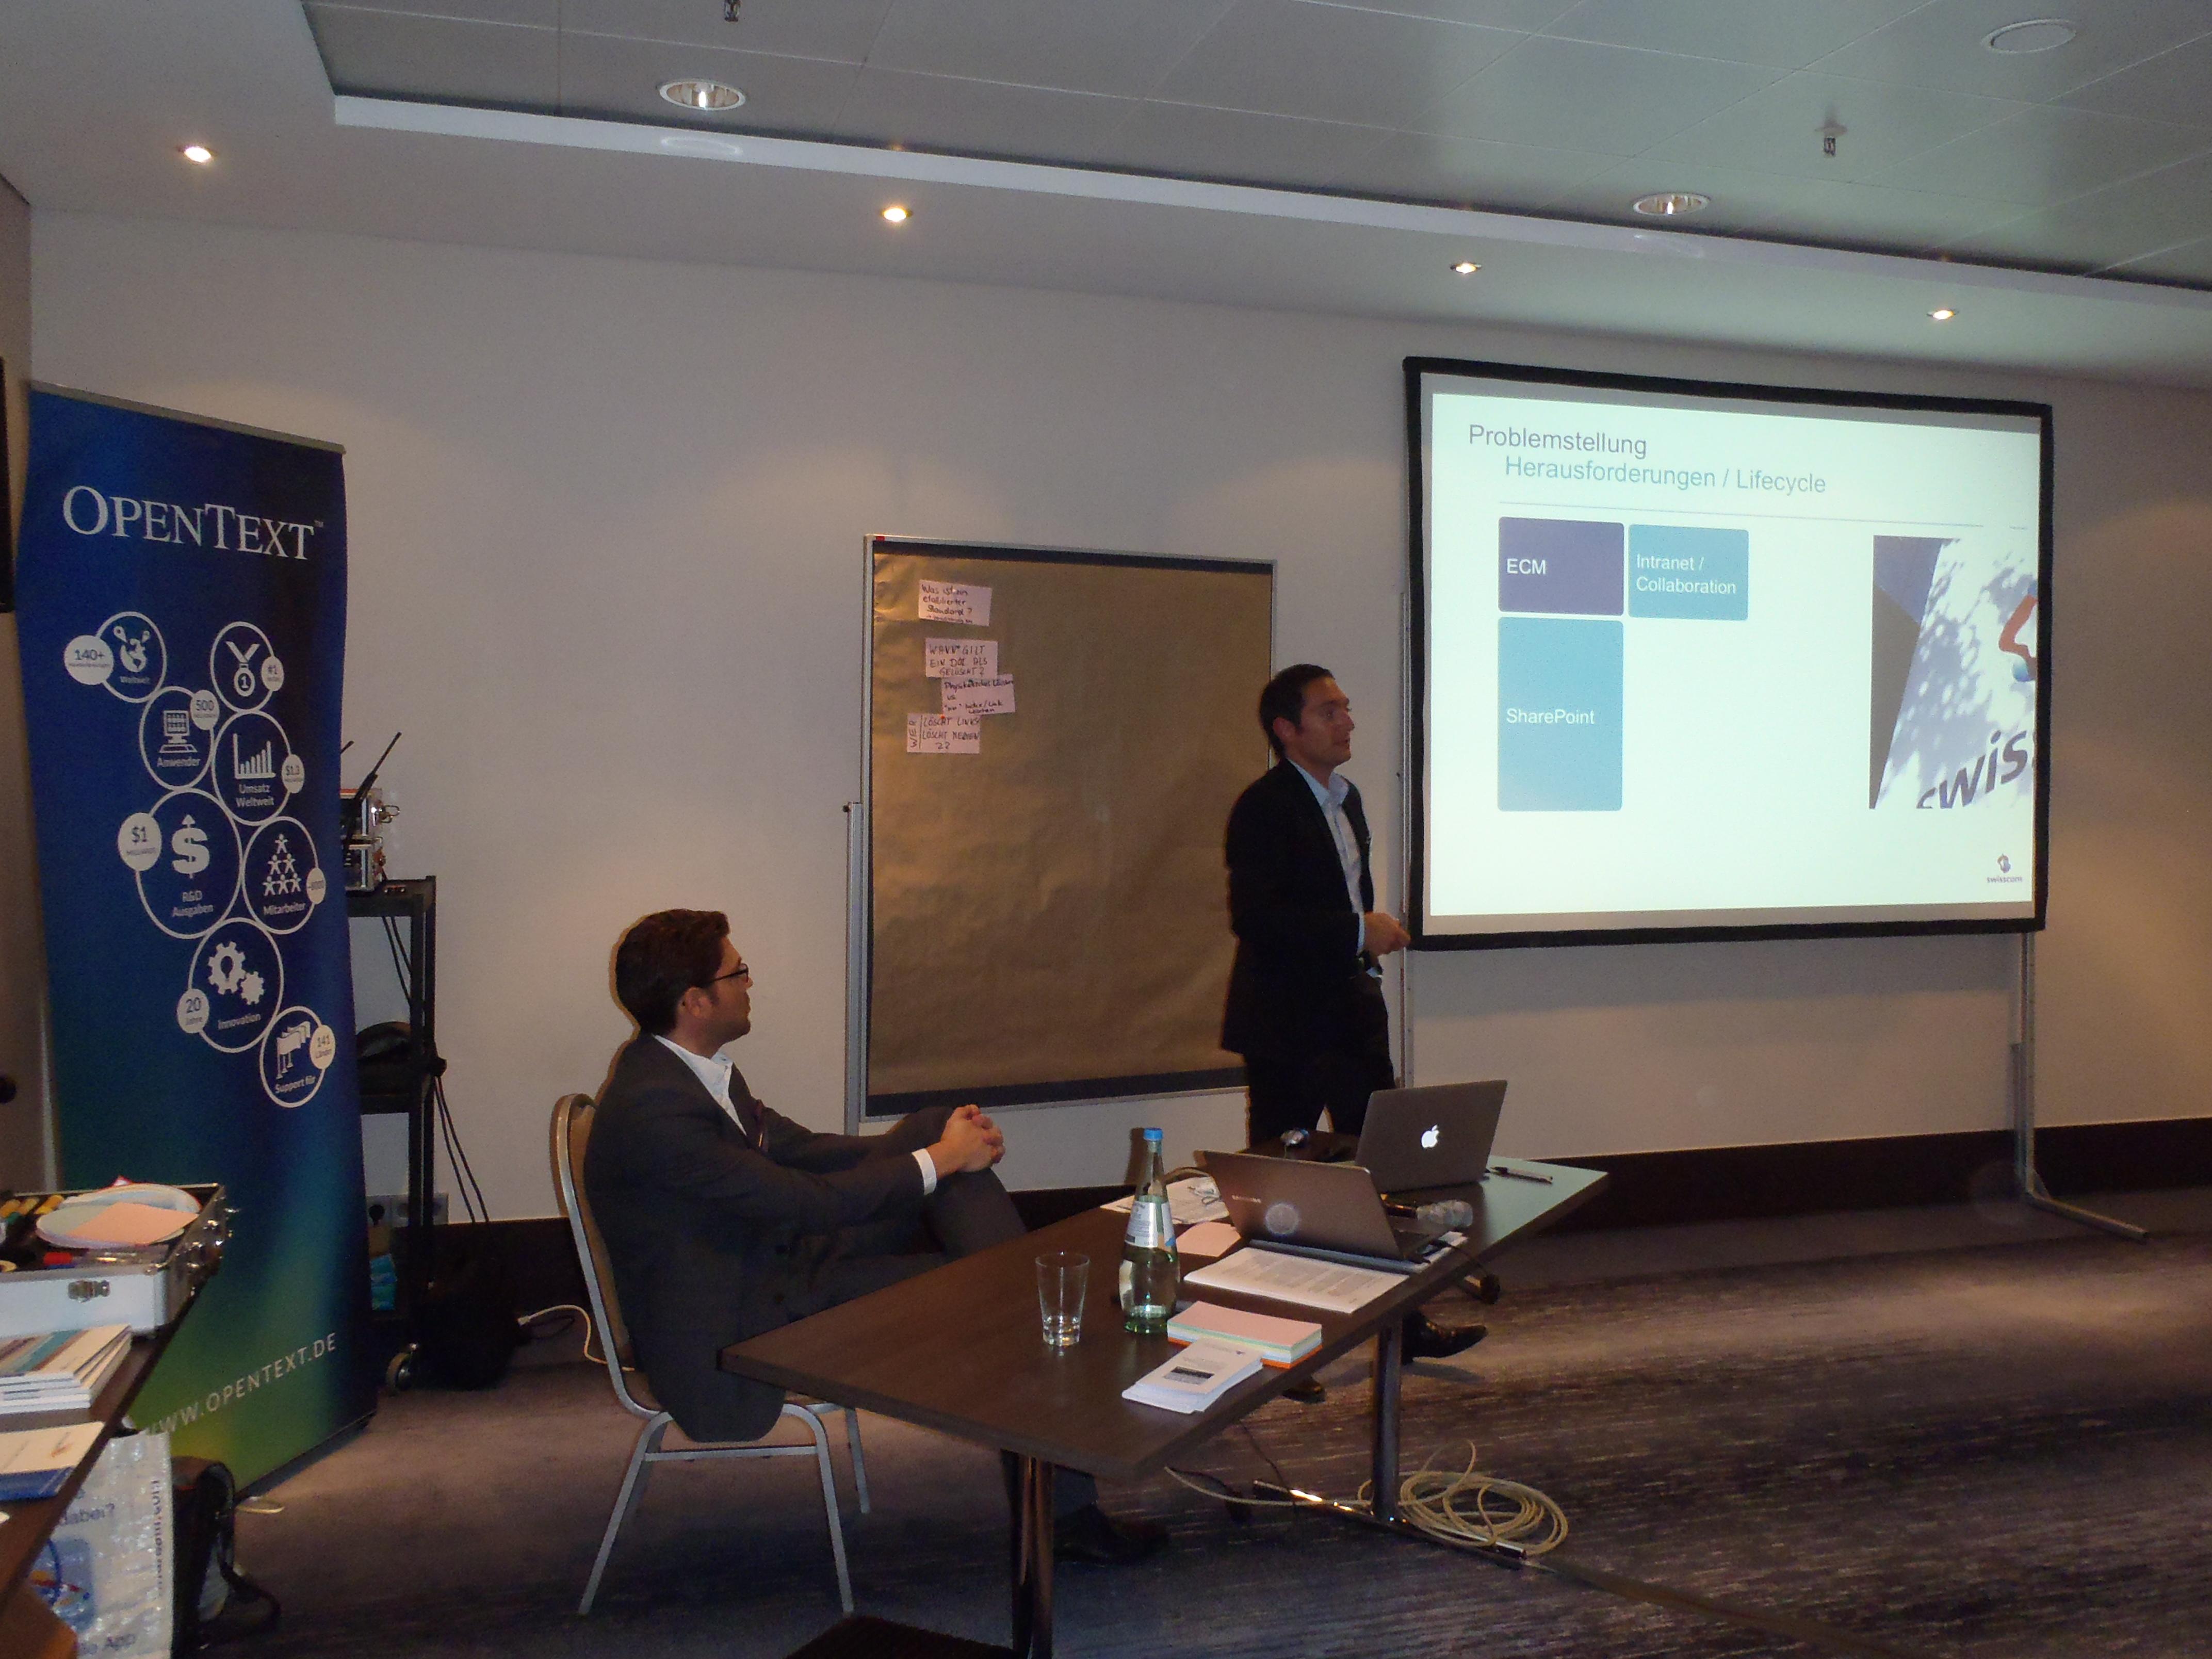 Vortrag Swisscom Mirti RMK2014